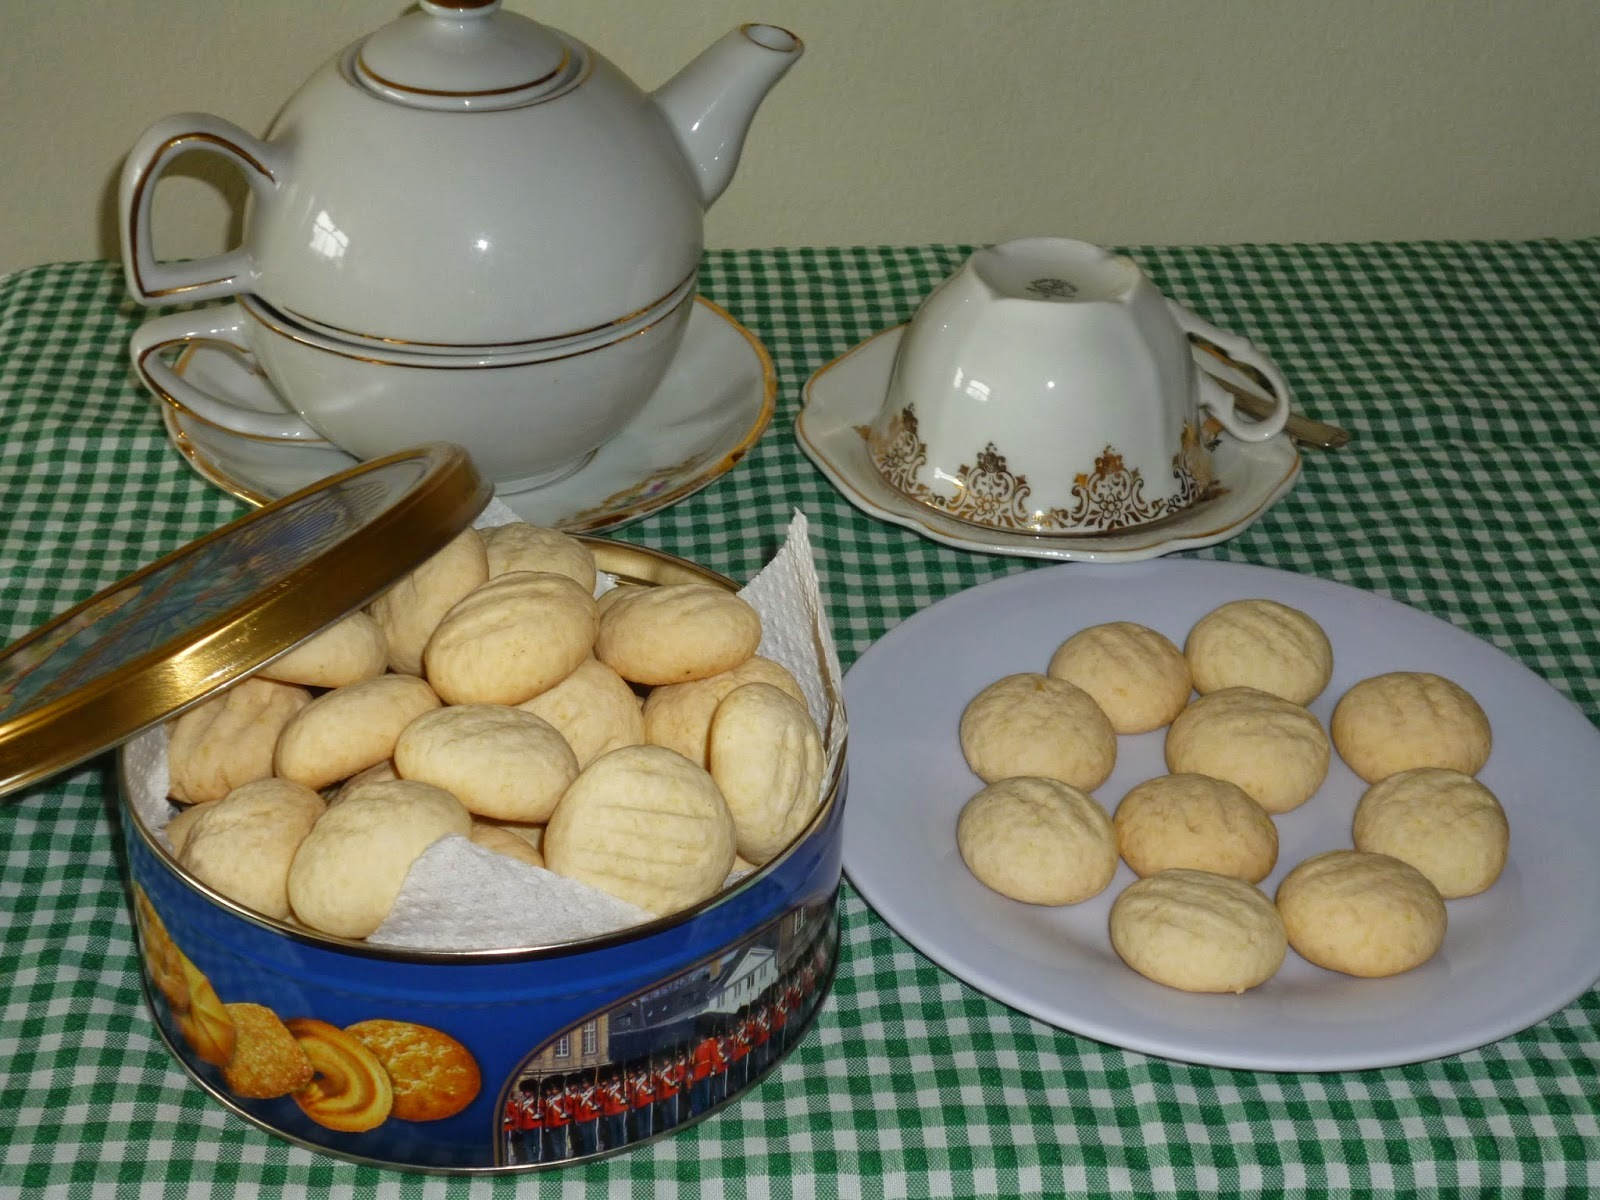 biscoitos assado da ana maria braga